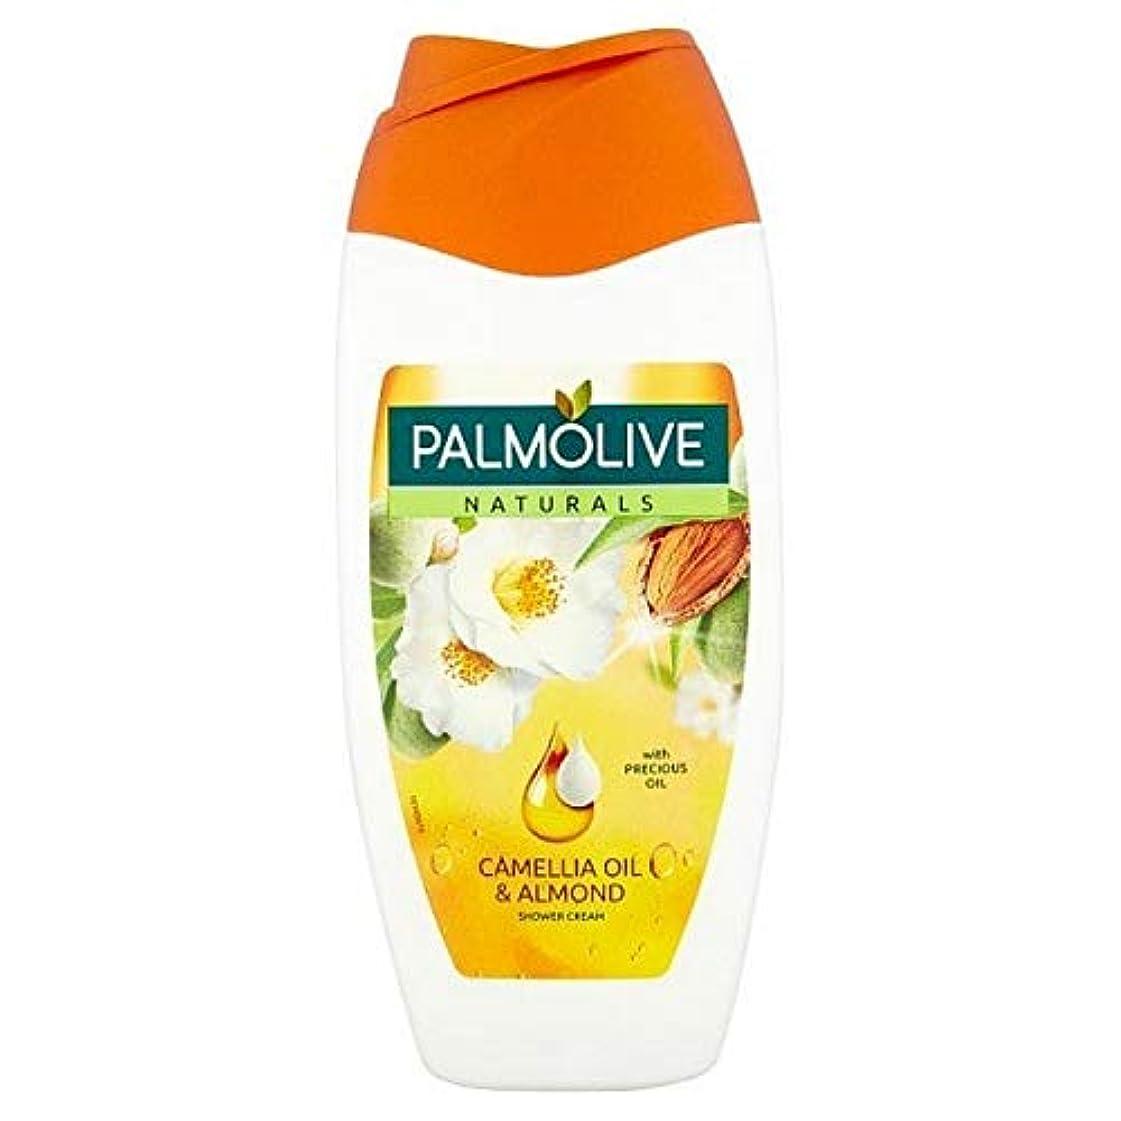 セグメントエンジニアリング平等[Palmolive ] パルモナチュラル椿油&アーモンドシャワージェル250ミリリットル - Palmolive Naturals Camellia Oil & Almond Shower Gel 250ml [並行輸入品]